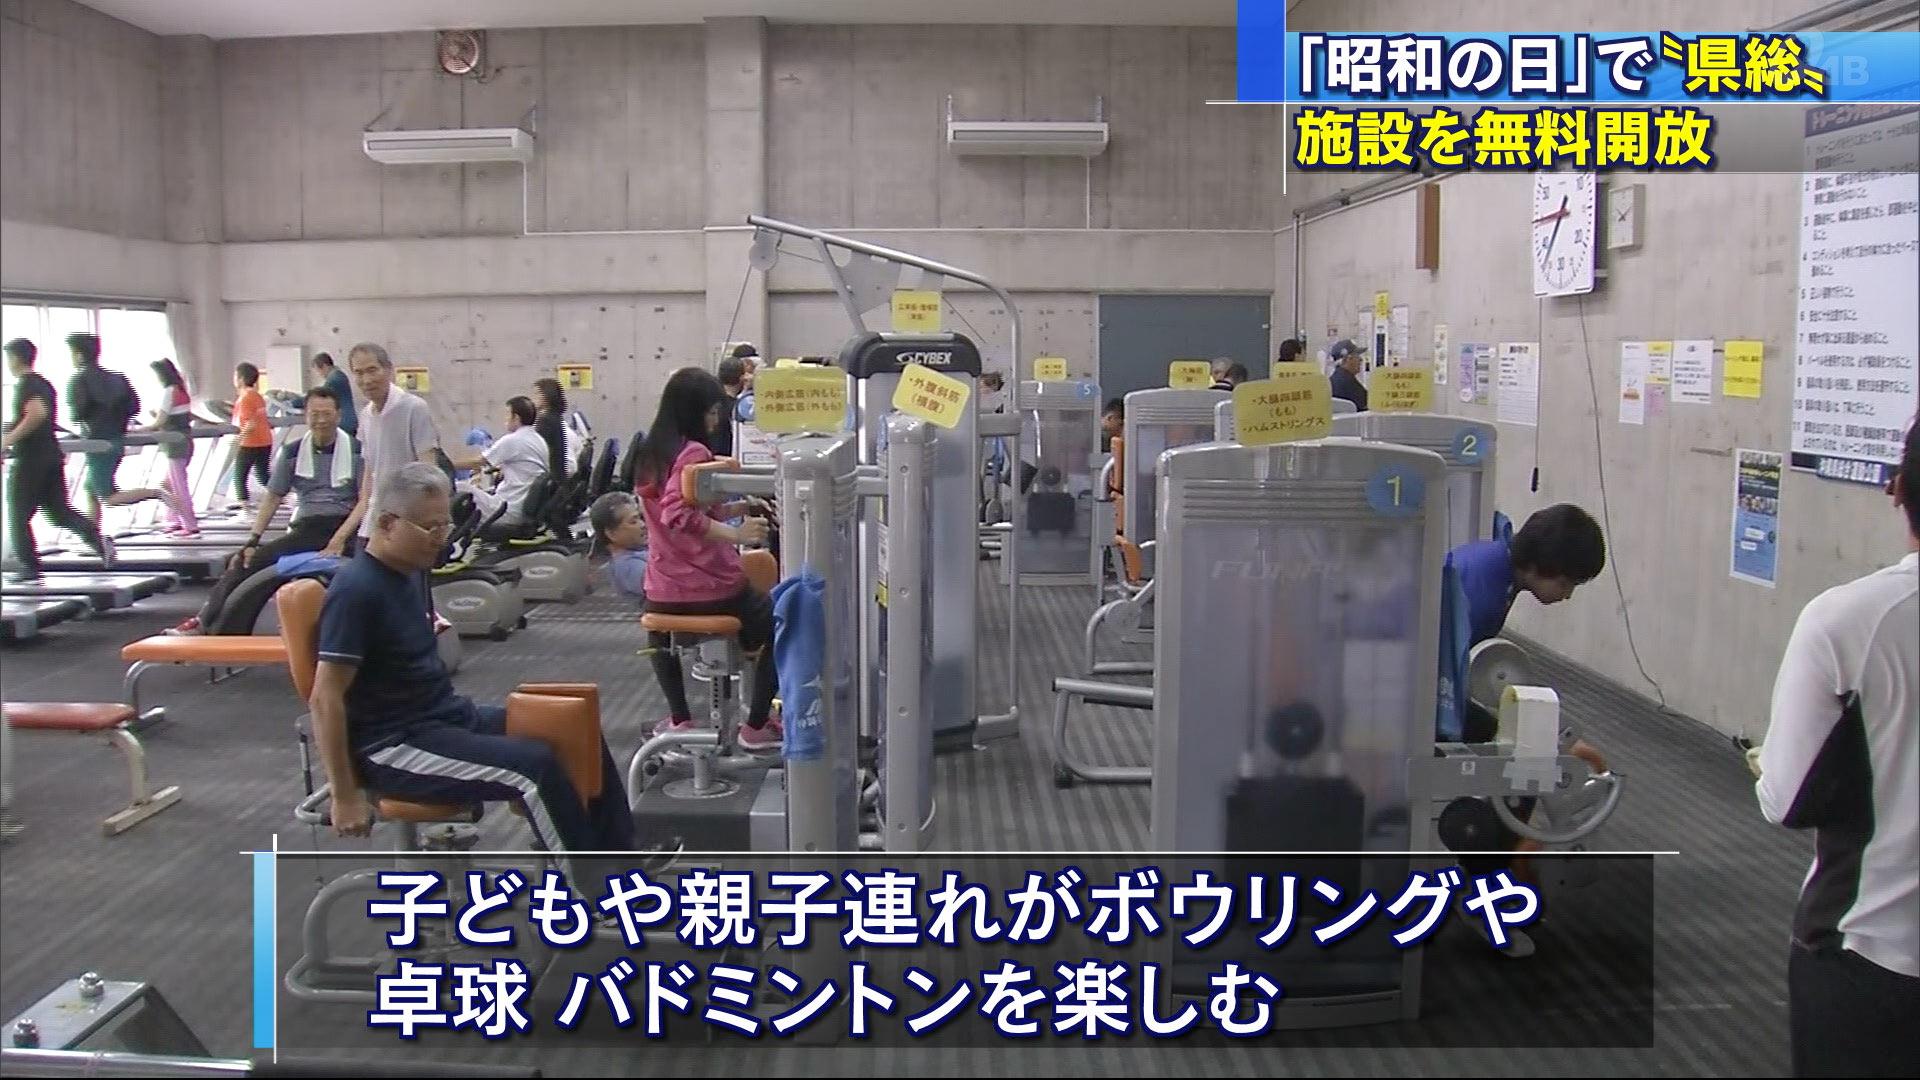 昭和の日で施設を無料開放